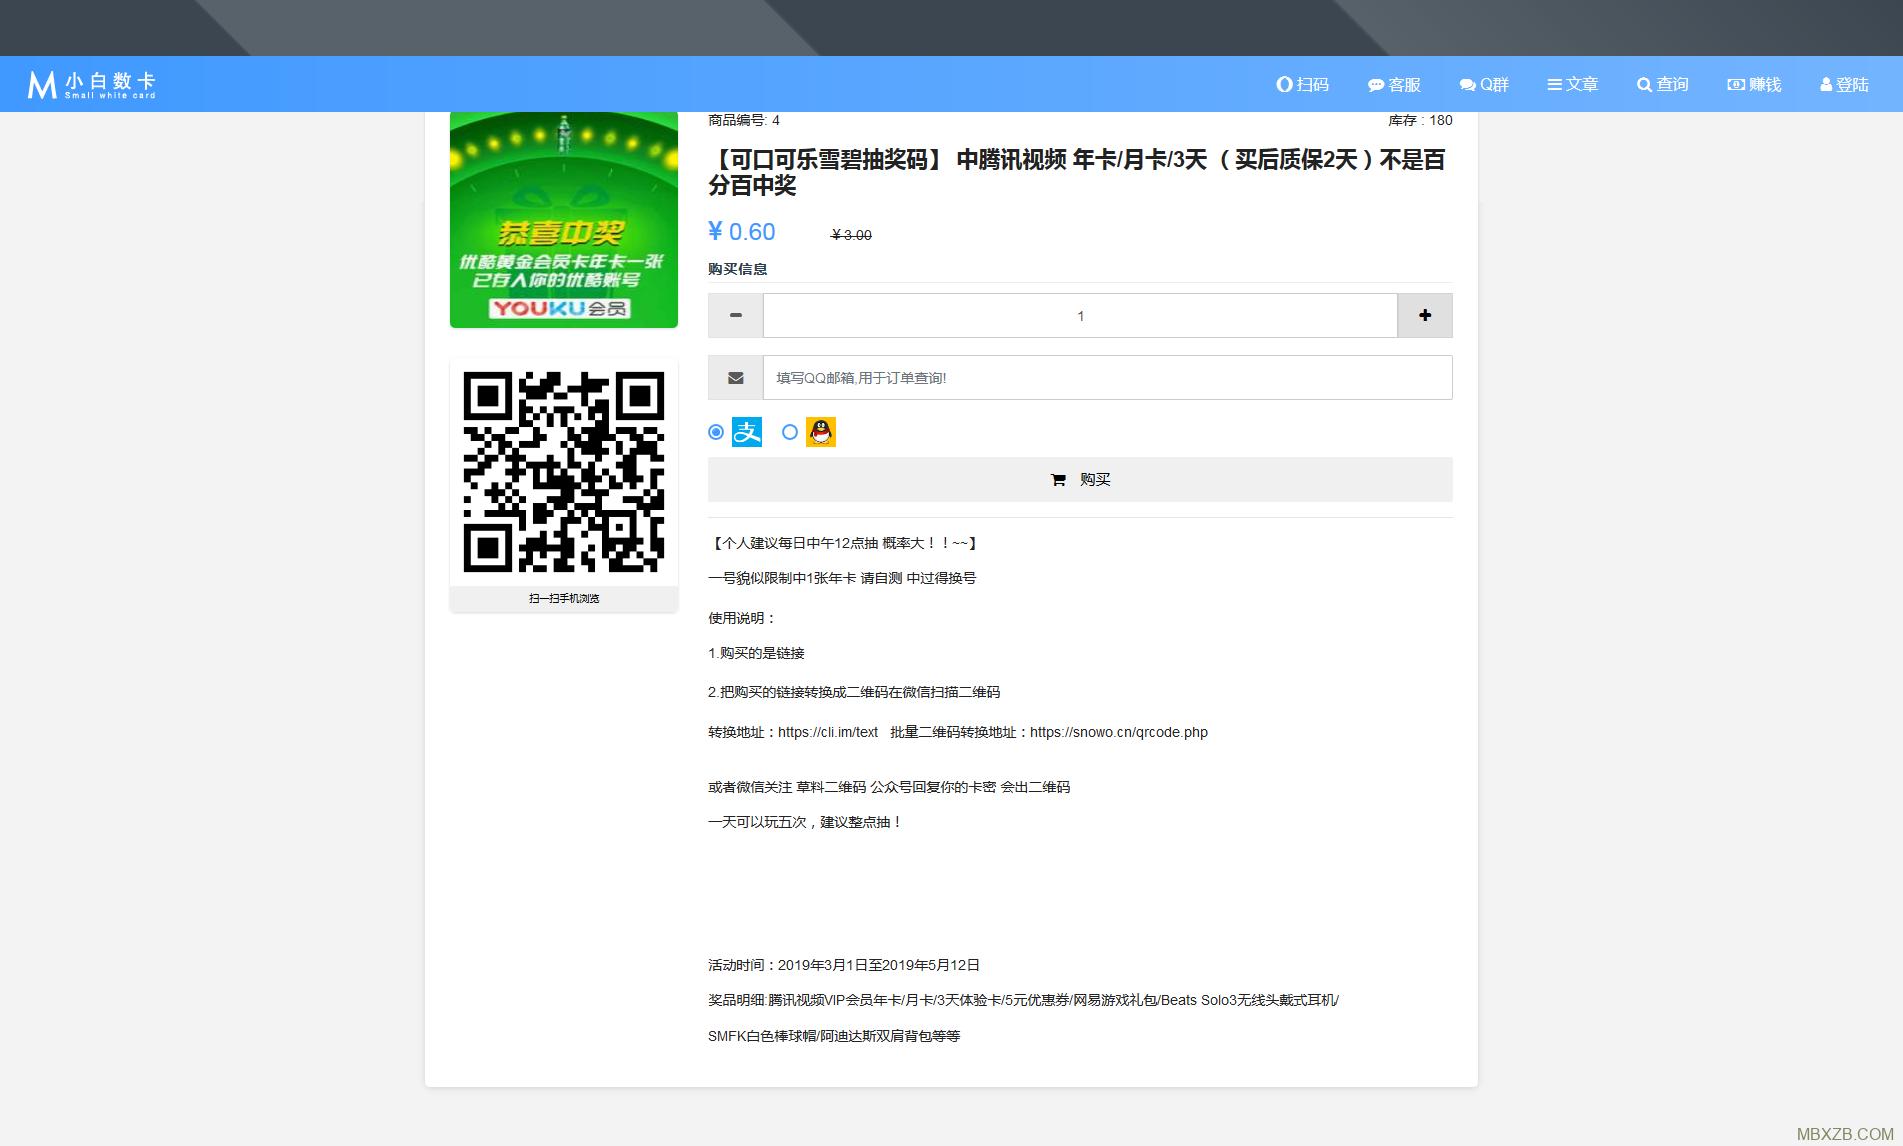 2019新款自动发卡网/自动发货/免签约即时到帐接口/货源对接